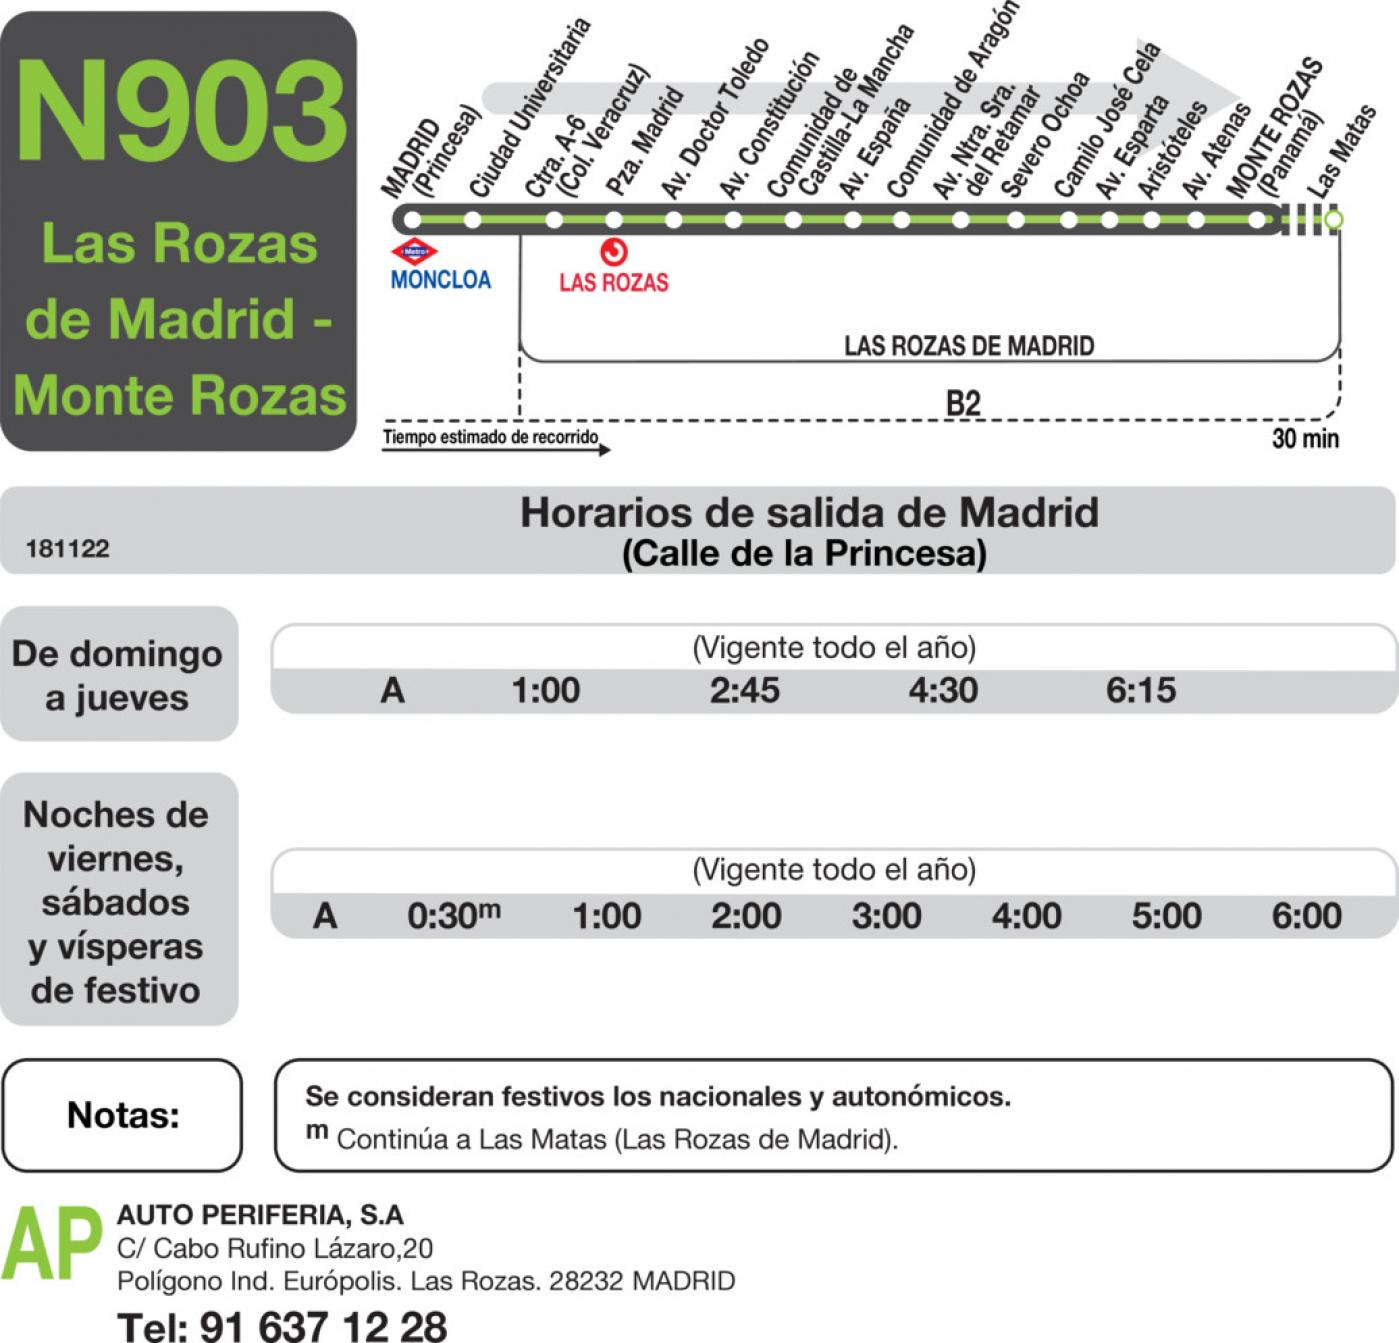 Tabla de horarios y frecuencias de paso en sentido ida Línea N-903: Madrid (Moncloa) - Las Rozas - Monte Rozas